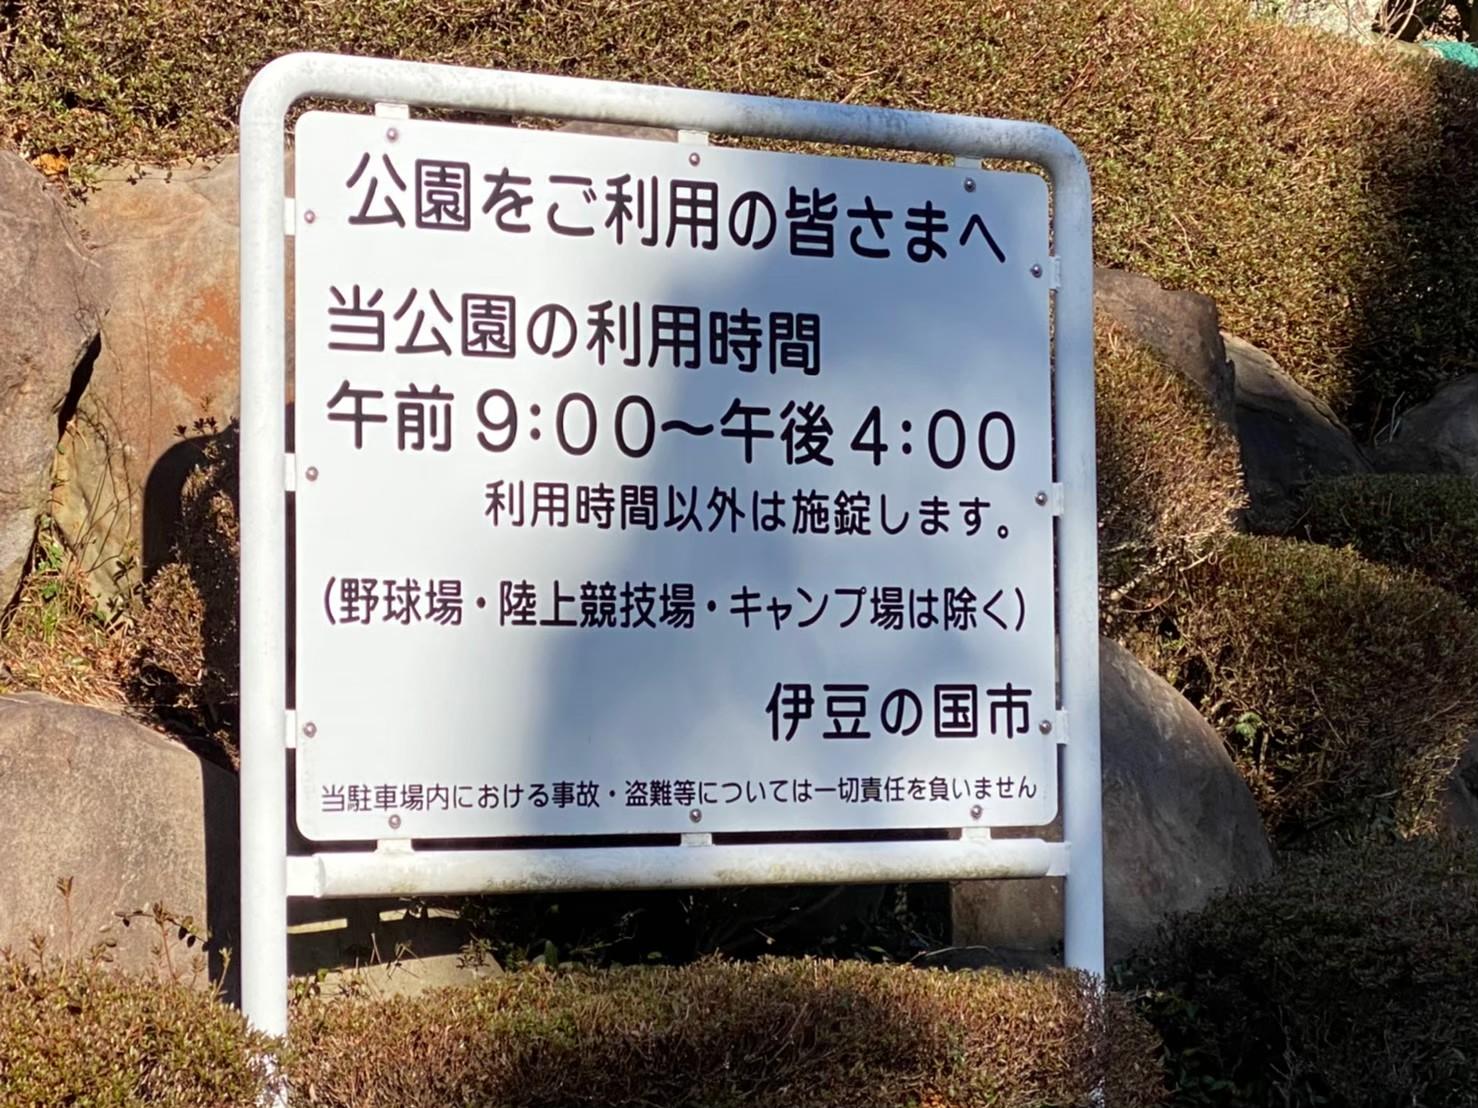 【静岡県・伊豆】公営キャンプ場『さつきヶ丘公園キャンプ場』の情報まとめ